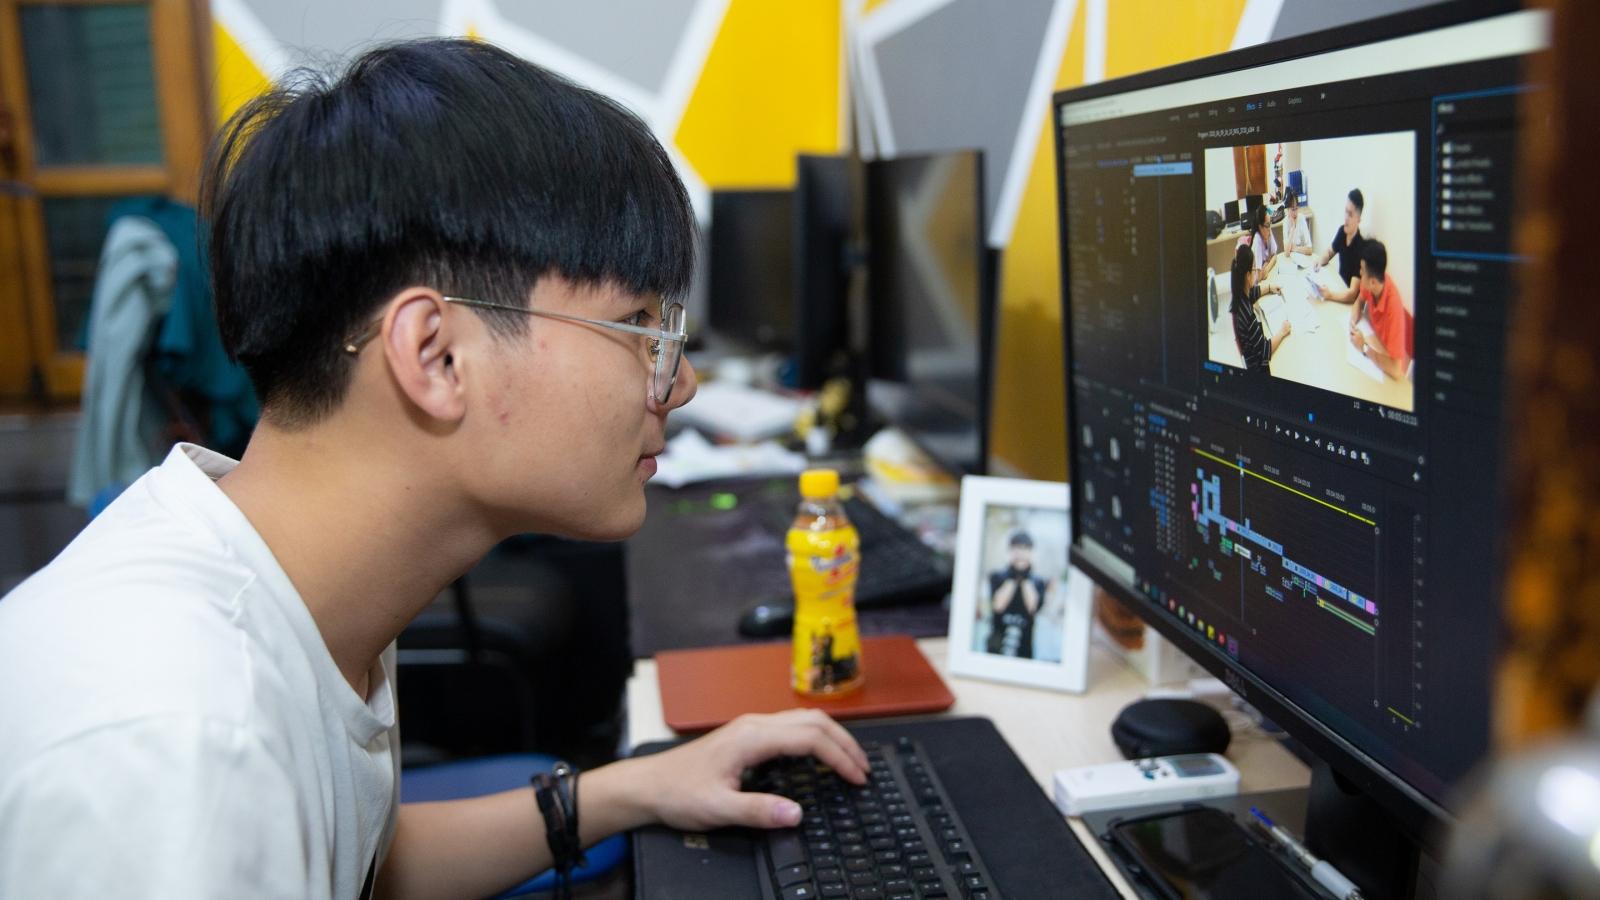 Chàng thanh niên dựng phim với những đêm trắng chạy deadline phục vụ khách hàng